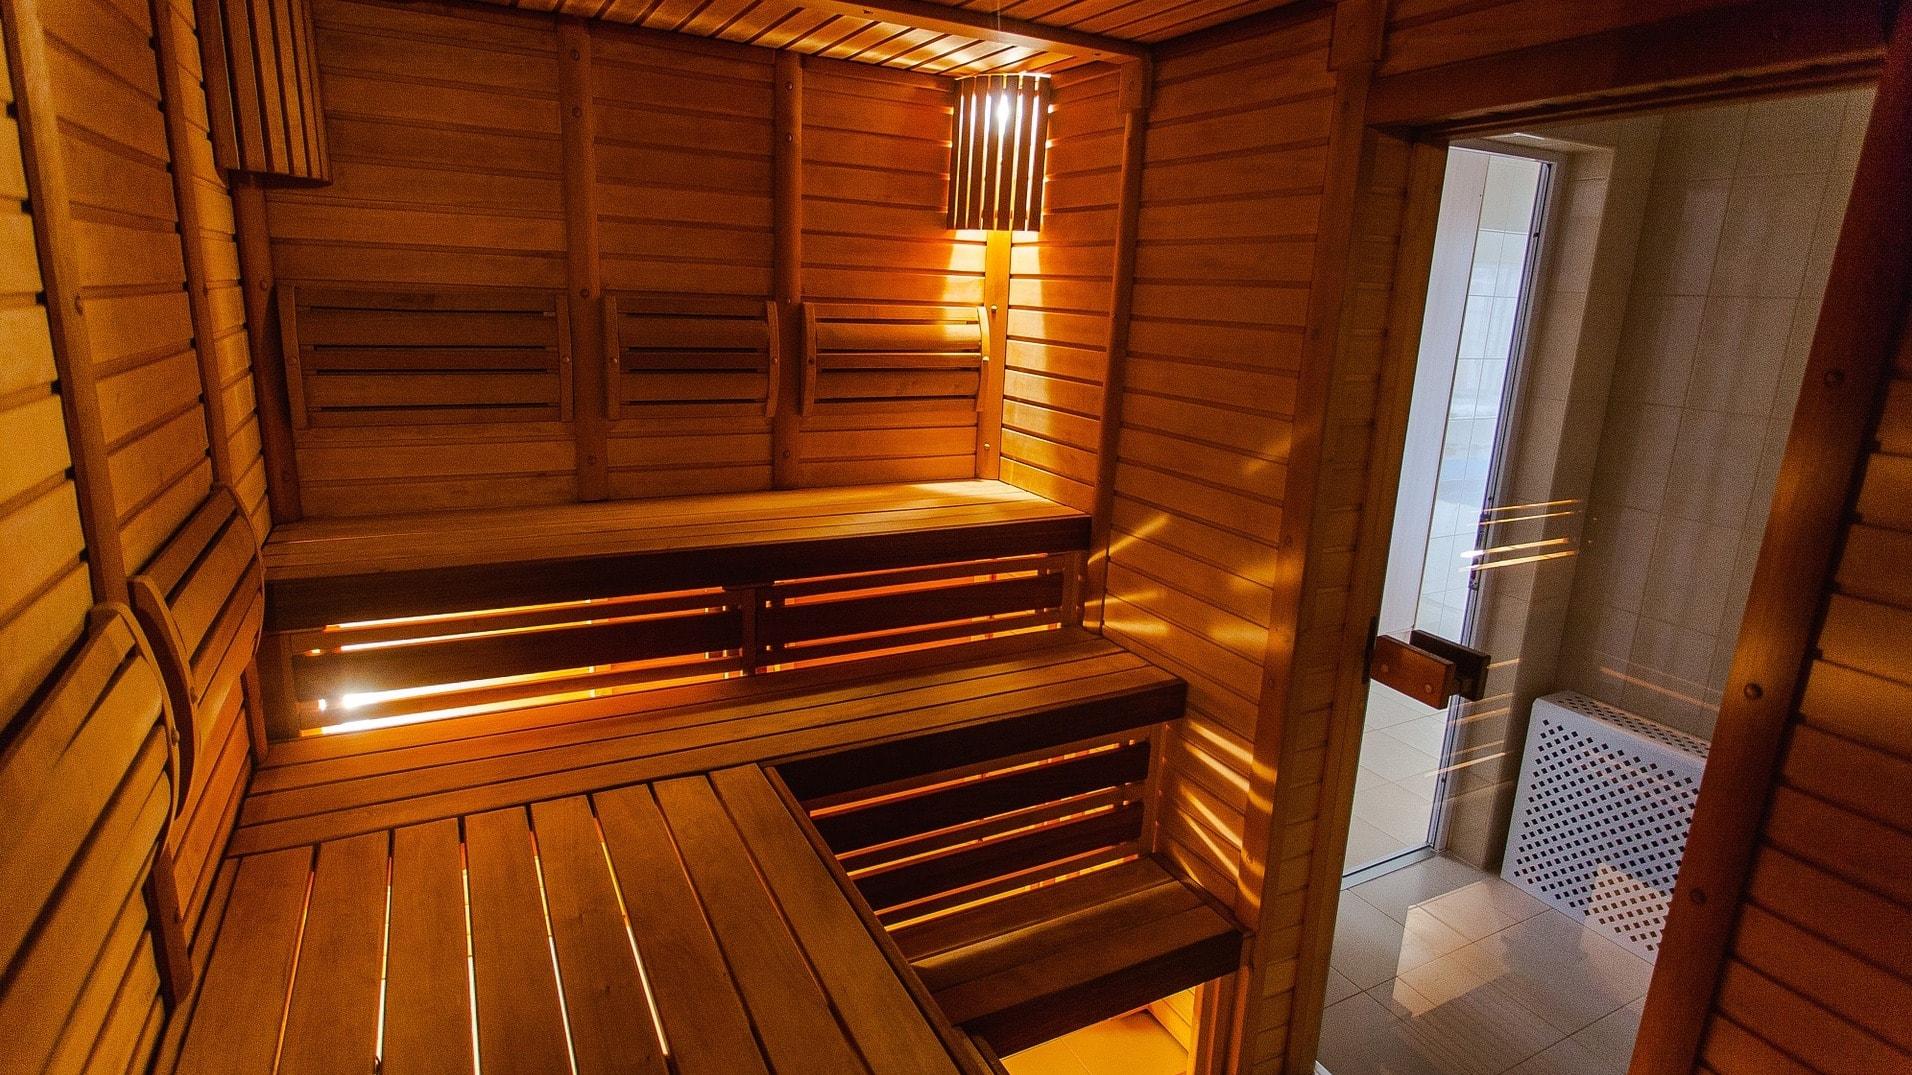 In Finnland saunieren die Einheimischen mit Bier, Birkenzweig und Saunawurst – aber ohne Bekleidung und Handtuch. Männer und Frauen gehen getrennt in die Sauna.